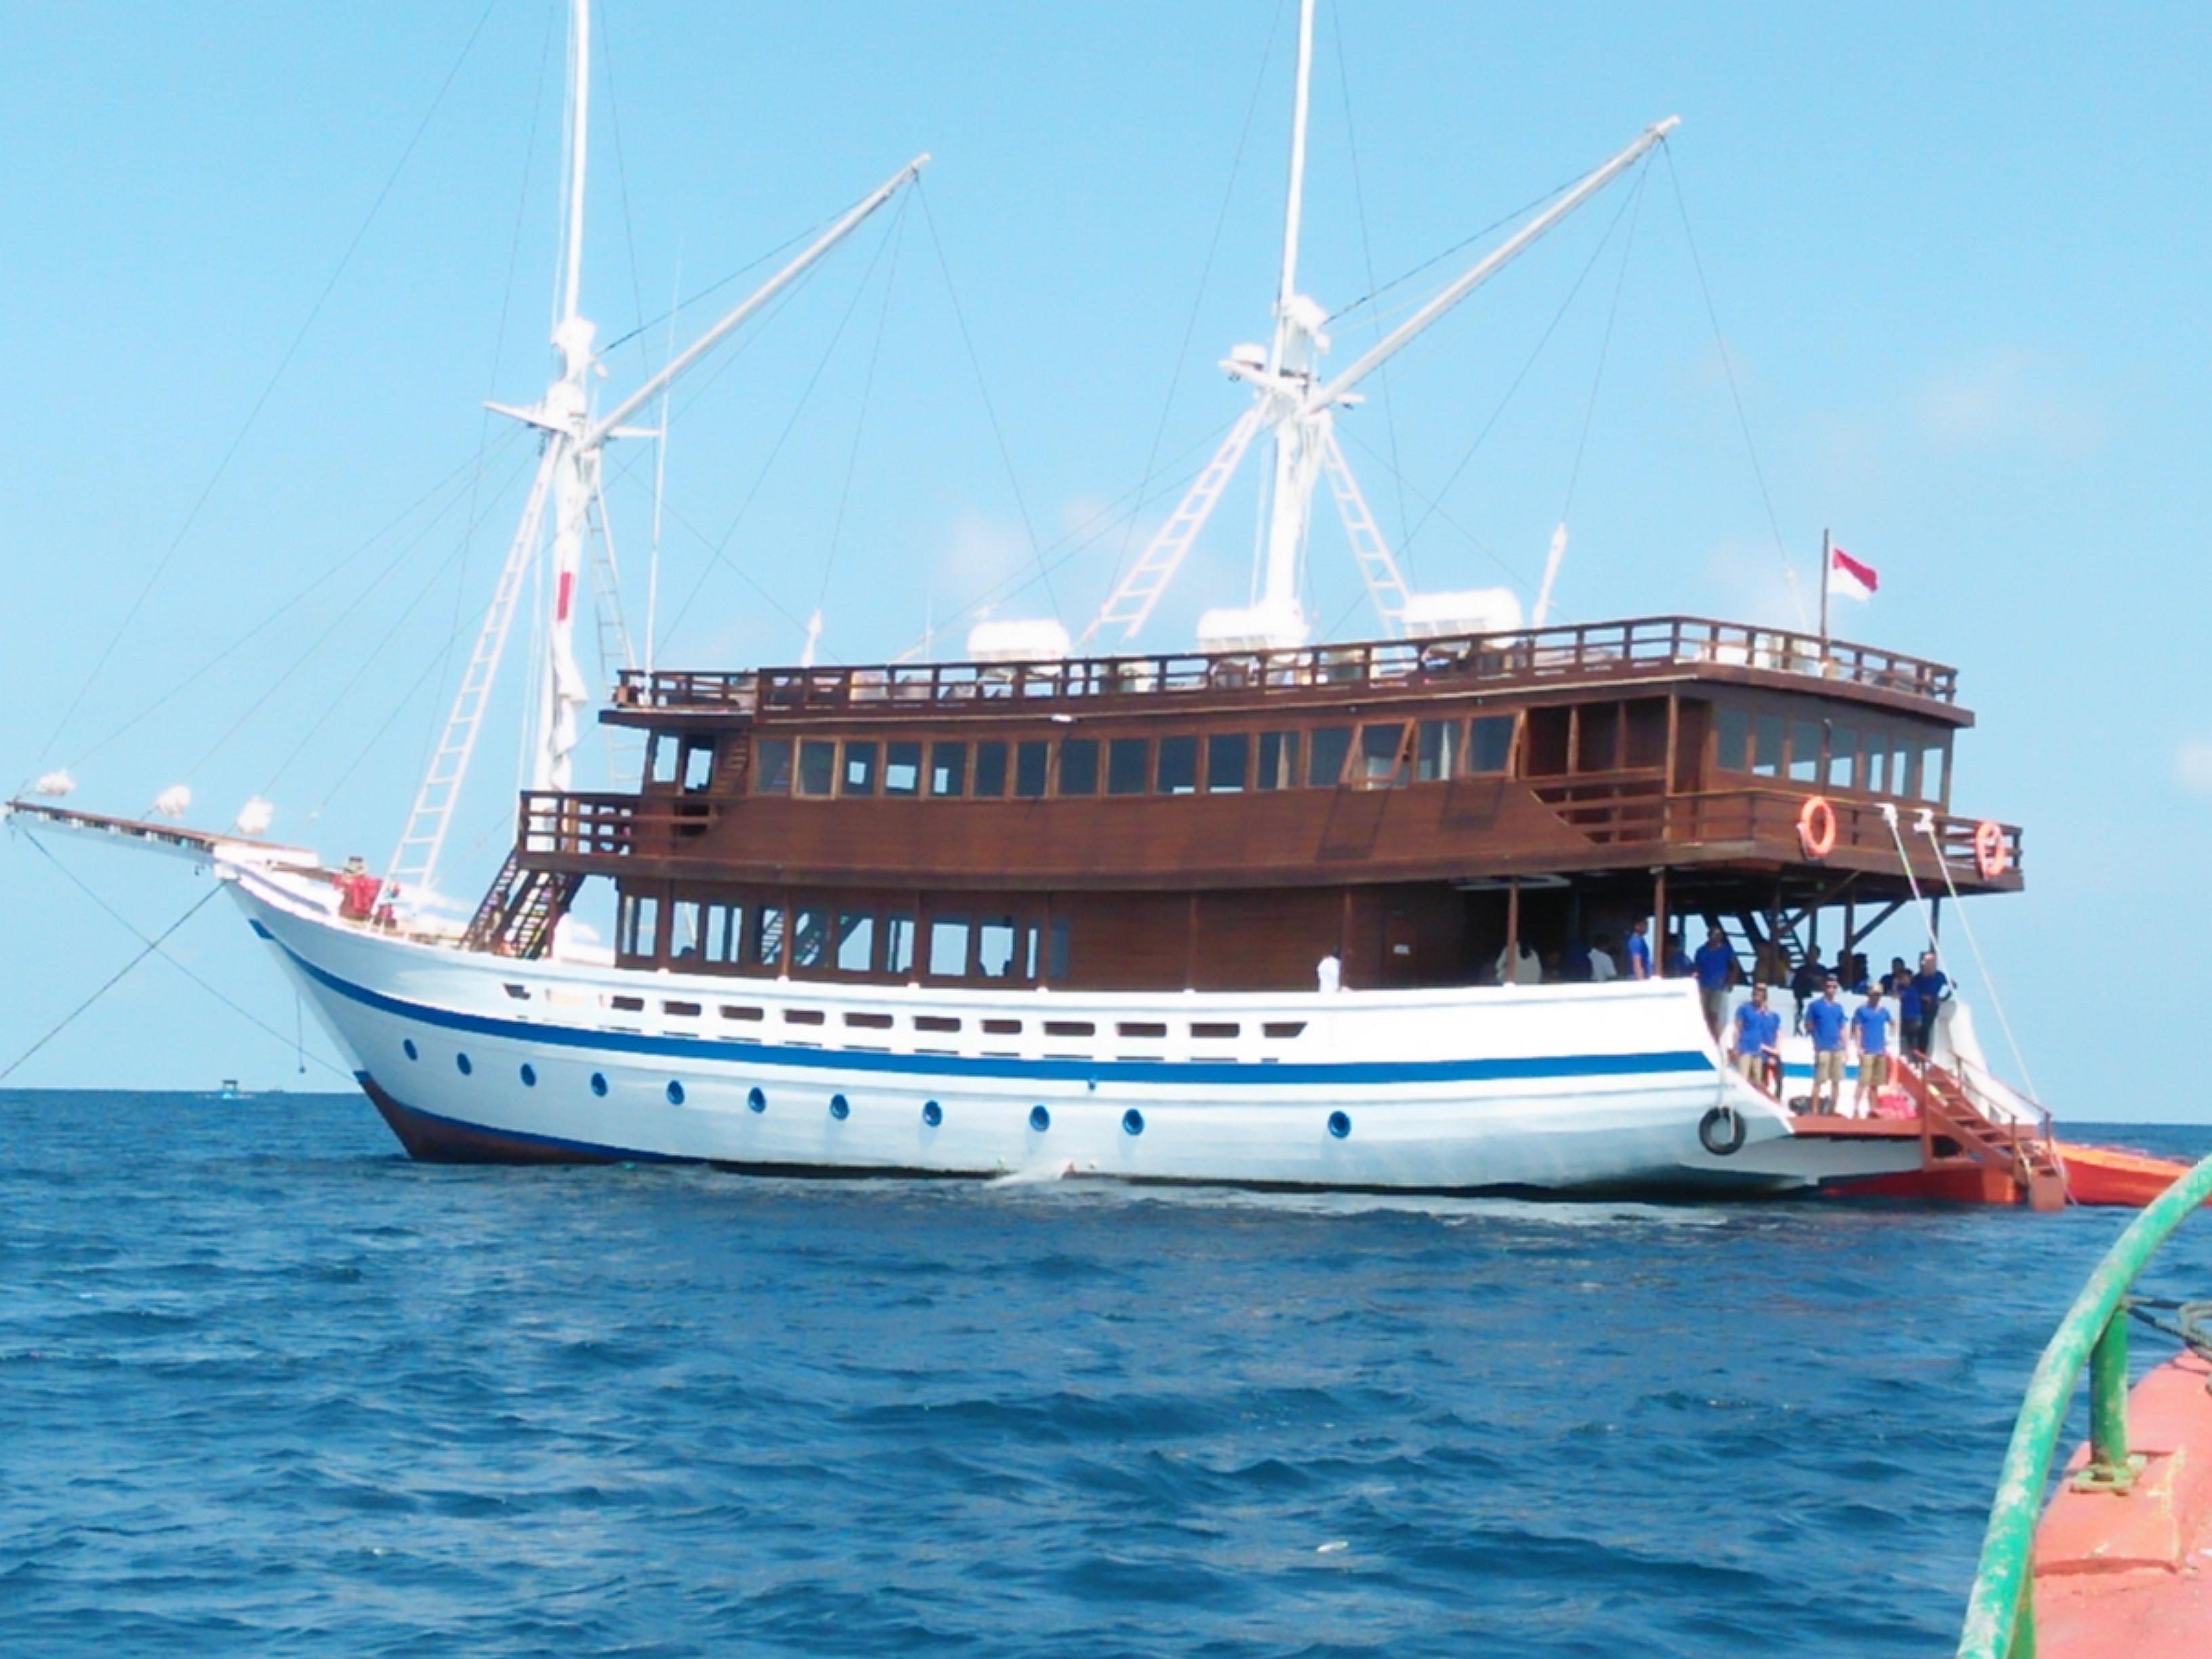 Trizara Resort Luncurkan Perjalanan Wisata Bahari dengan Kapal Phinisi